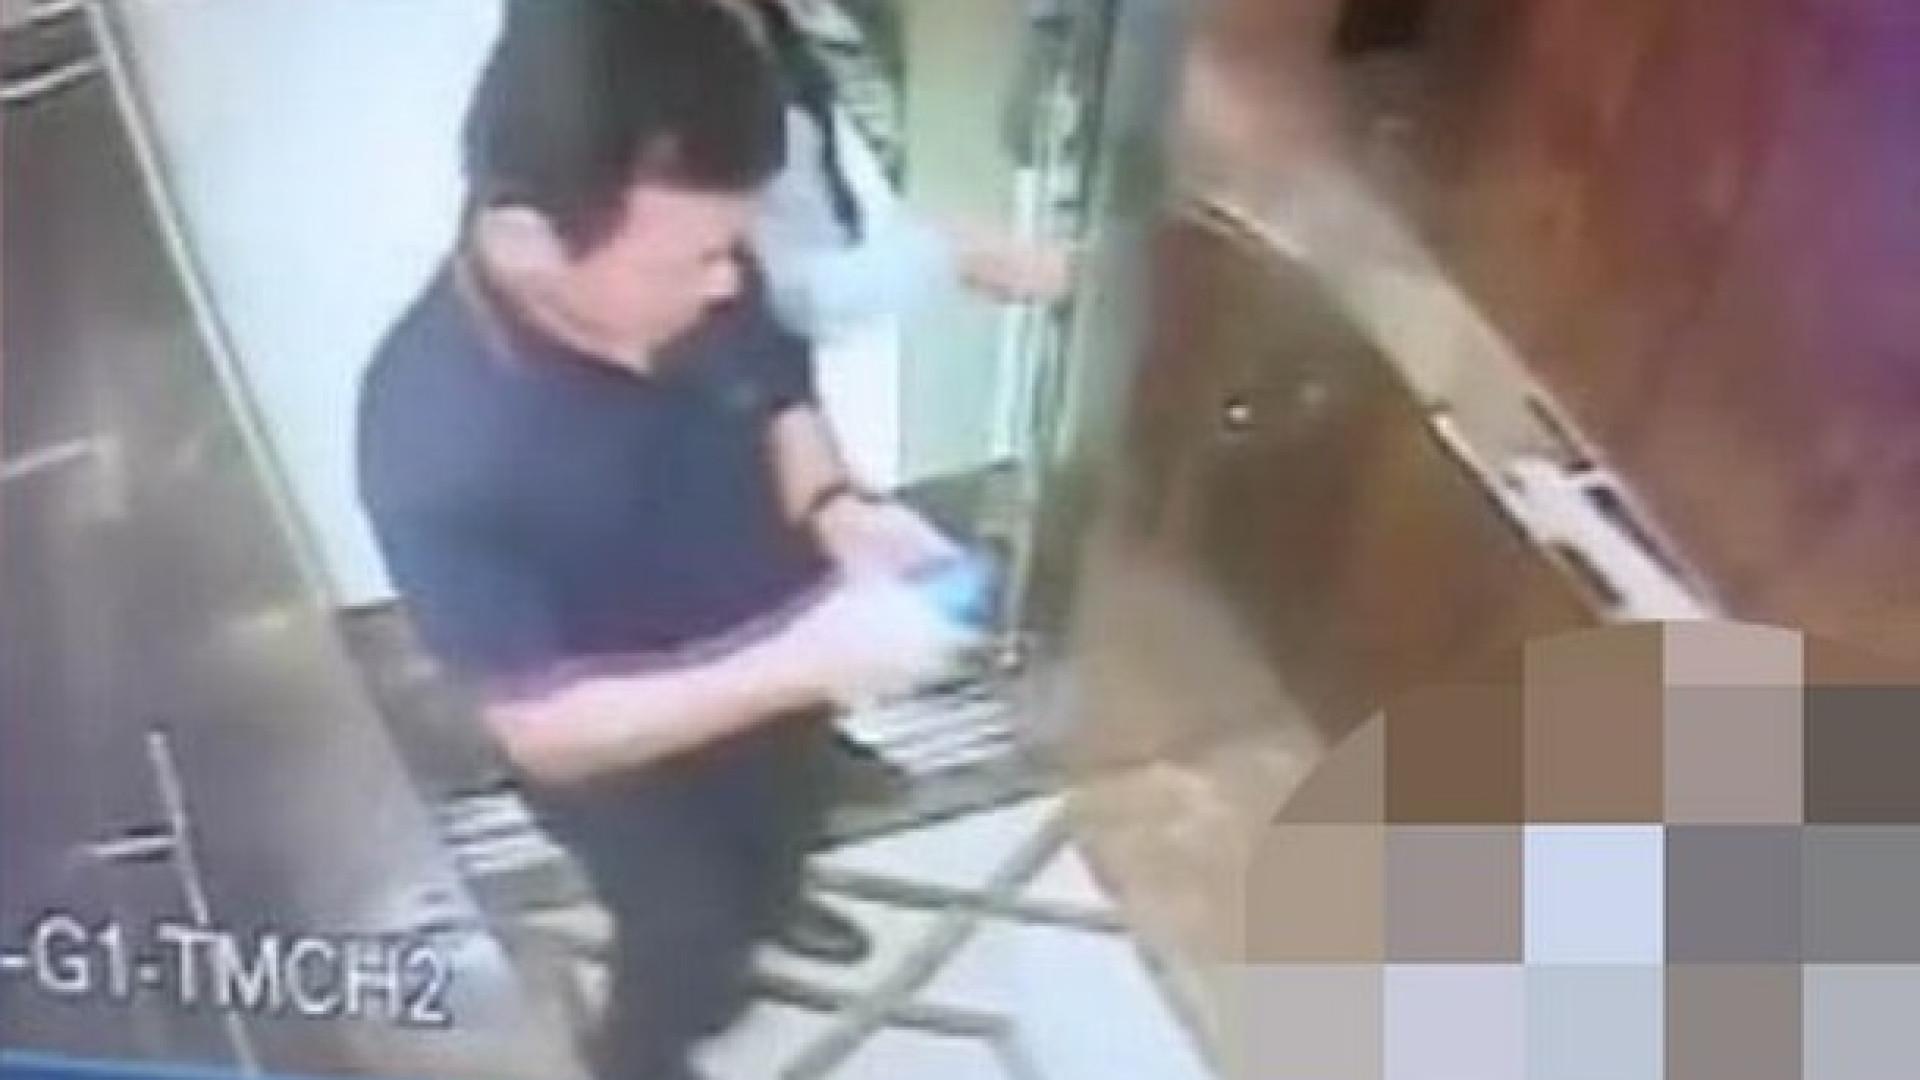 Pedófilo ataca criança após ficar a sós com ela em elevador